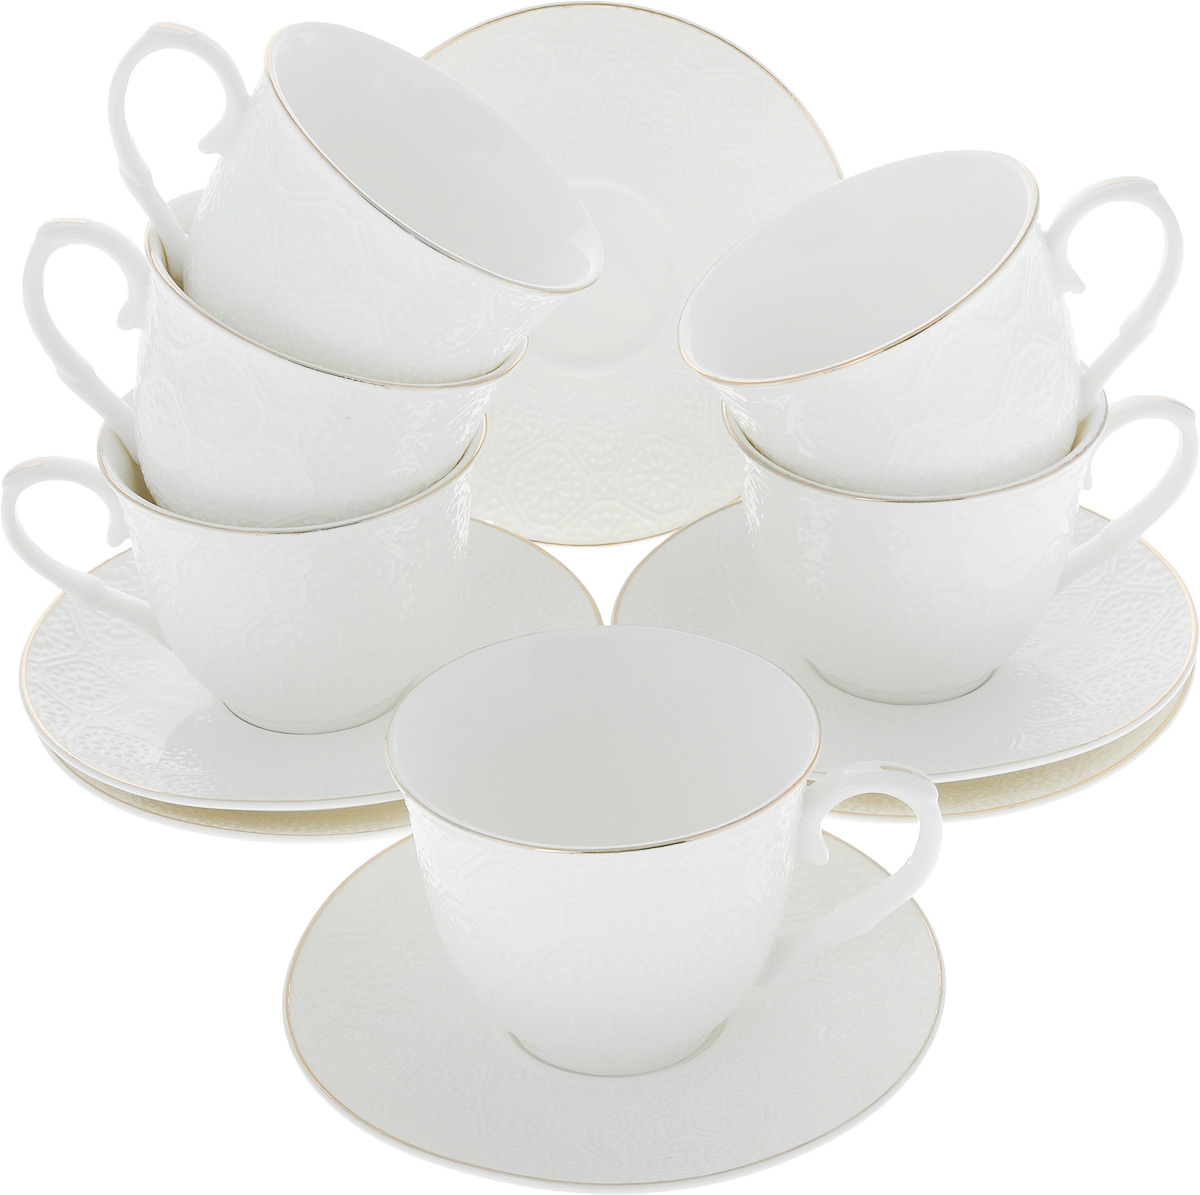 Сервиз чайный Loraine, 12 предметов. 2650526505Чайный сервиз Loraine на 6 персон выполнен из высококачественного костяного фарфора - материала, безопасного для здоровья и надолго сохраняющего тепло напитка. В наборе 6 чашек и 6 блюдец. Несмотря на свою внешнюю хрупкость, каждый из предметов набора обладает высокой прочностью и надежностью. Изделия украшены тонкой золотой каймой, внешние стенки дополнены изысканным рельефным орнаментом. Такой чайный набор станет украшением стола, а процесс чаепития превратится в одно удовольствие!Набор упакован в подарочную коробку, поэтому его можно преподнести в качестве оригинального и практичного подарка для родных и близких. Объем чашки: 200 мл. Диаметр чашки (по верхнему краю): 8,5 см. Высота чашки: 7 см. Диаметр блюдца: 13,5 см.